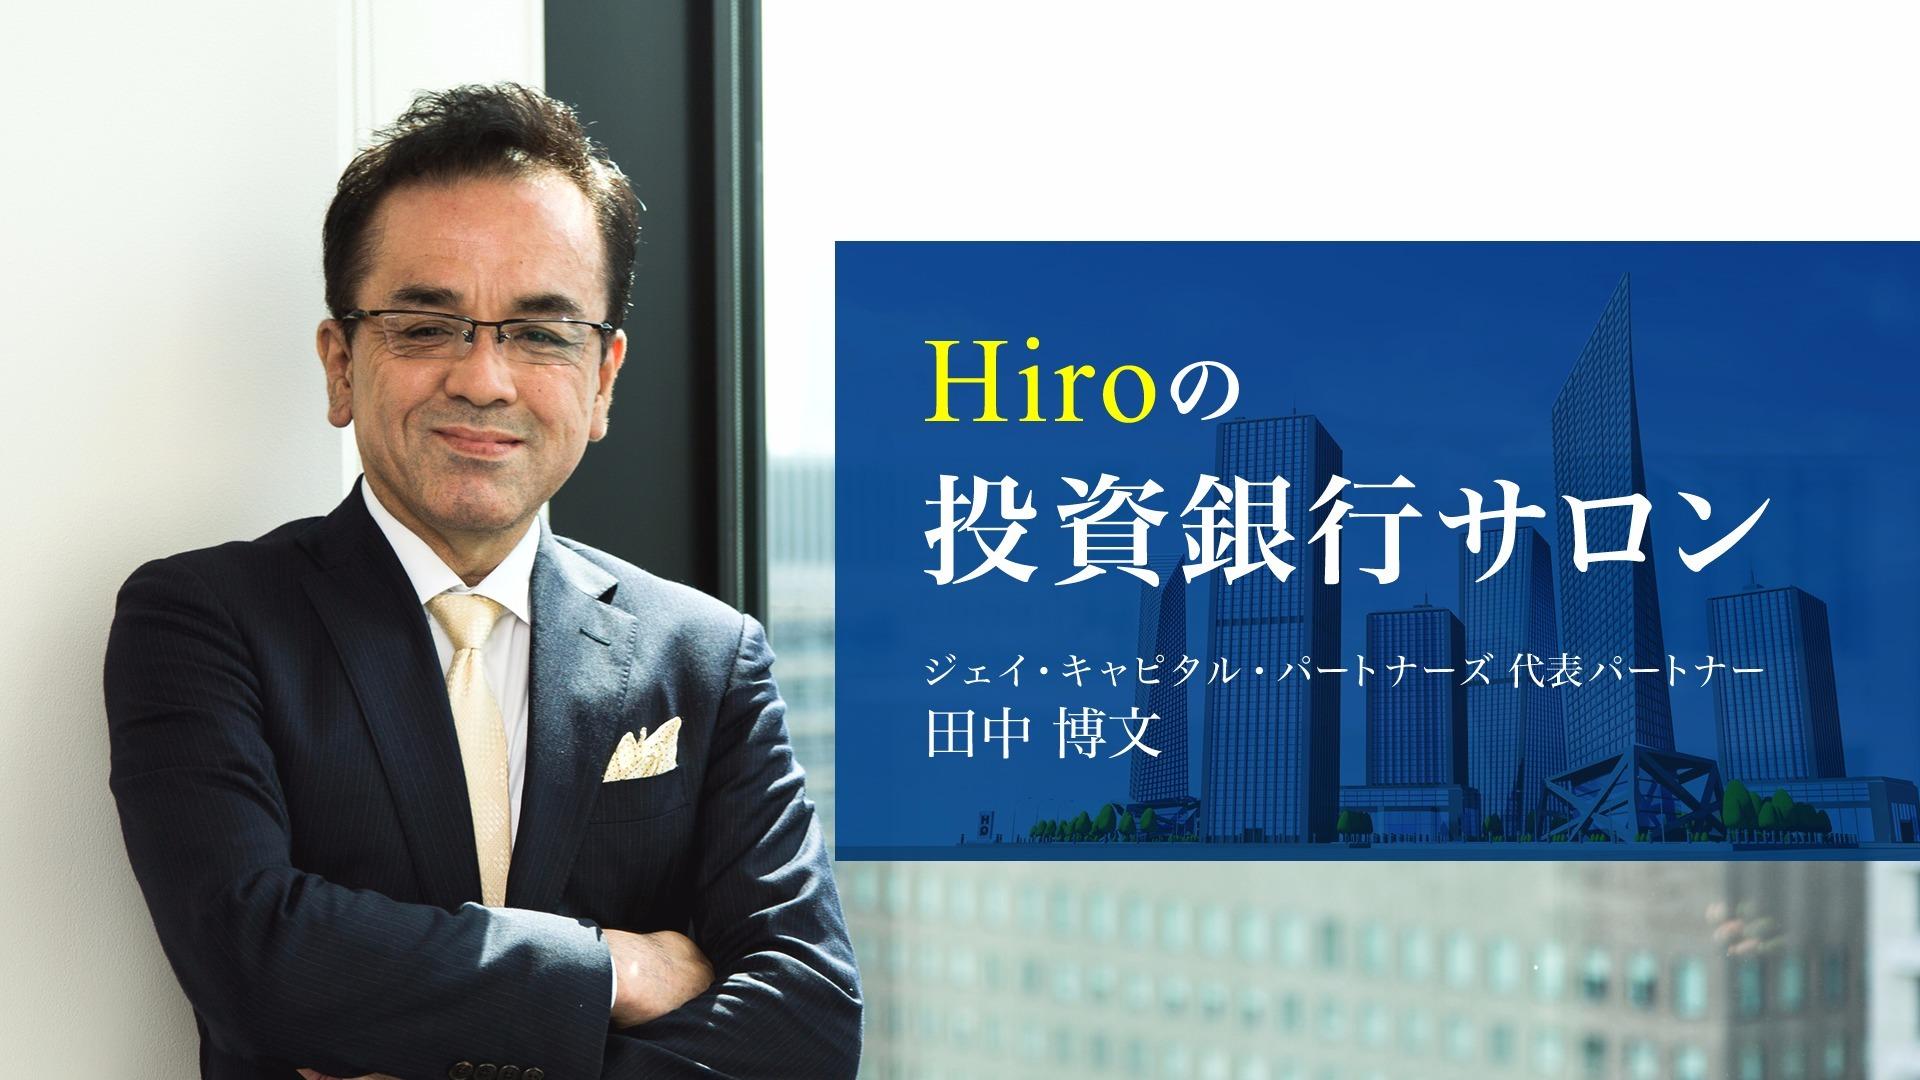 田中 博文 - Hiroの投資銀行サロン - DMM オンラインサロン